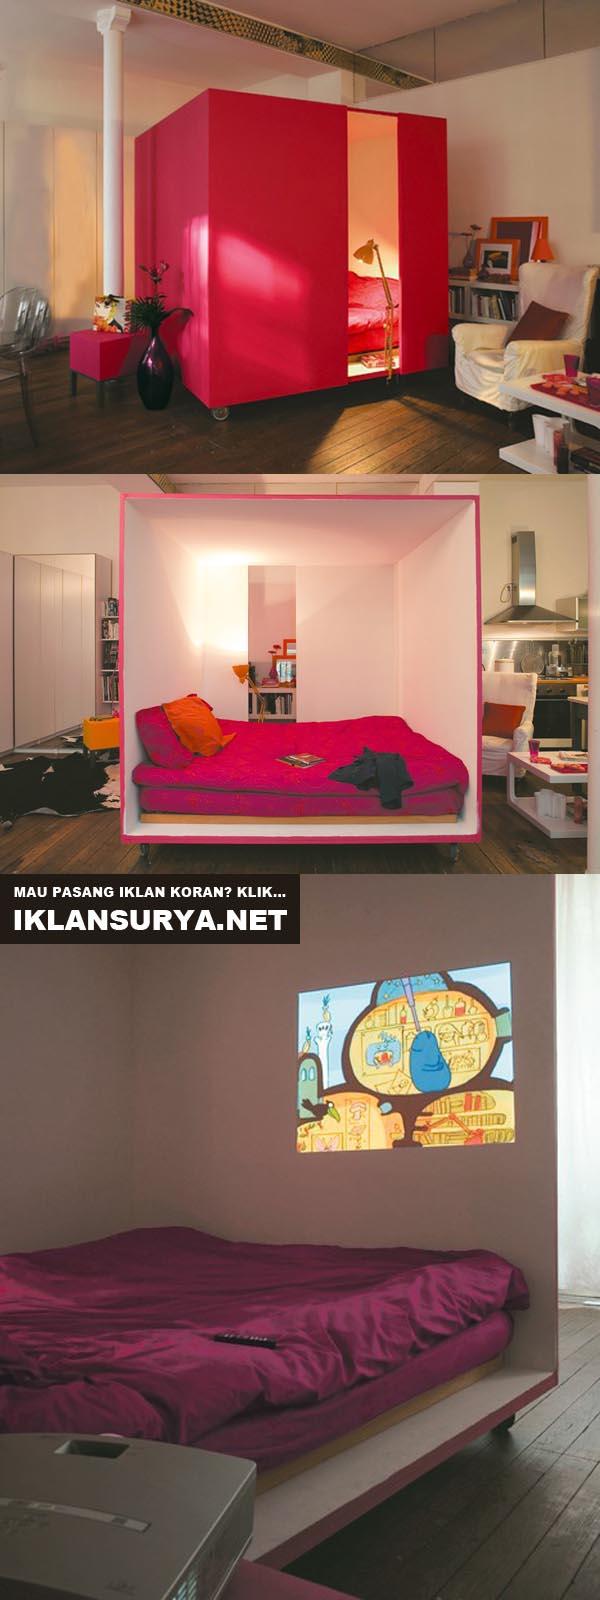 kamar tidur mewah mobile wow keren sekali inilah info